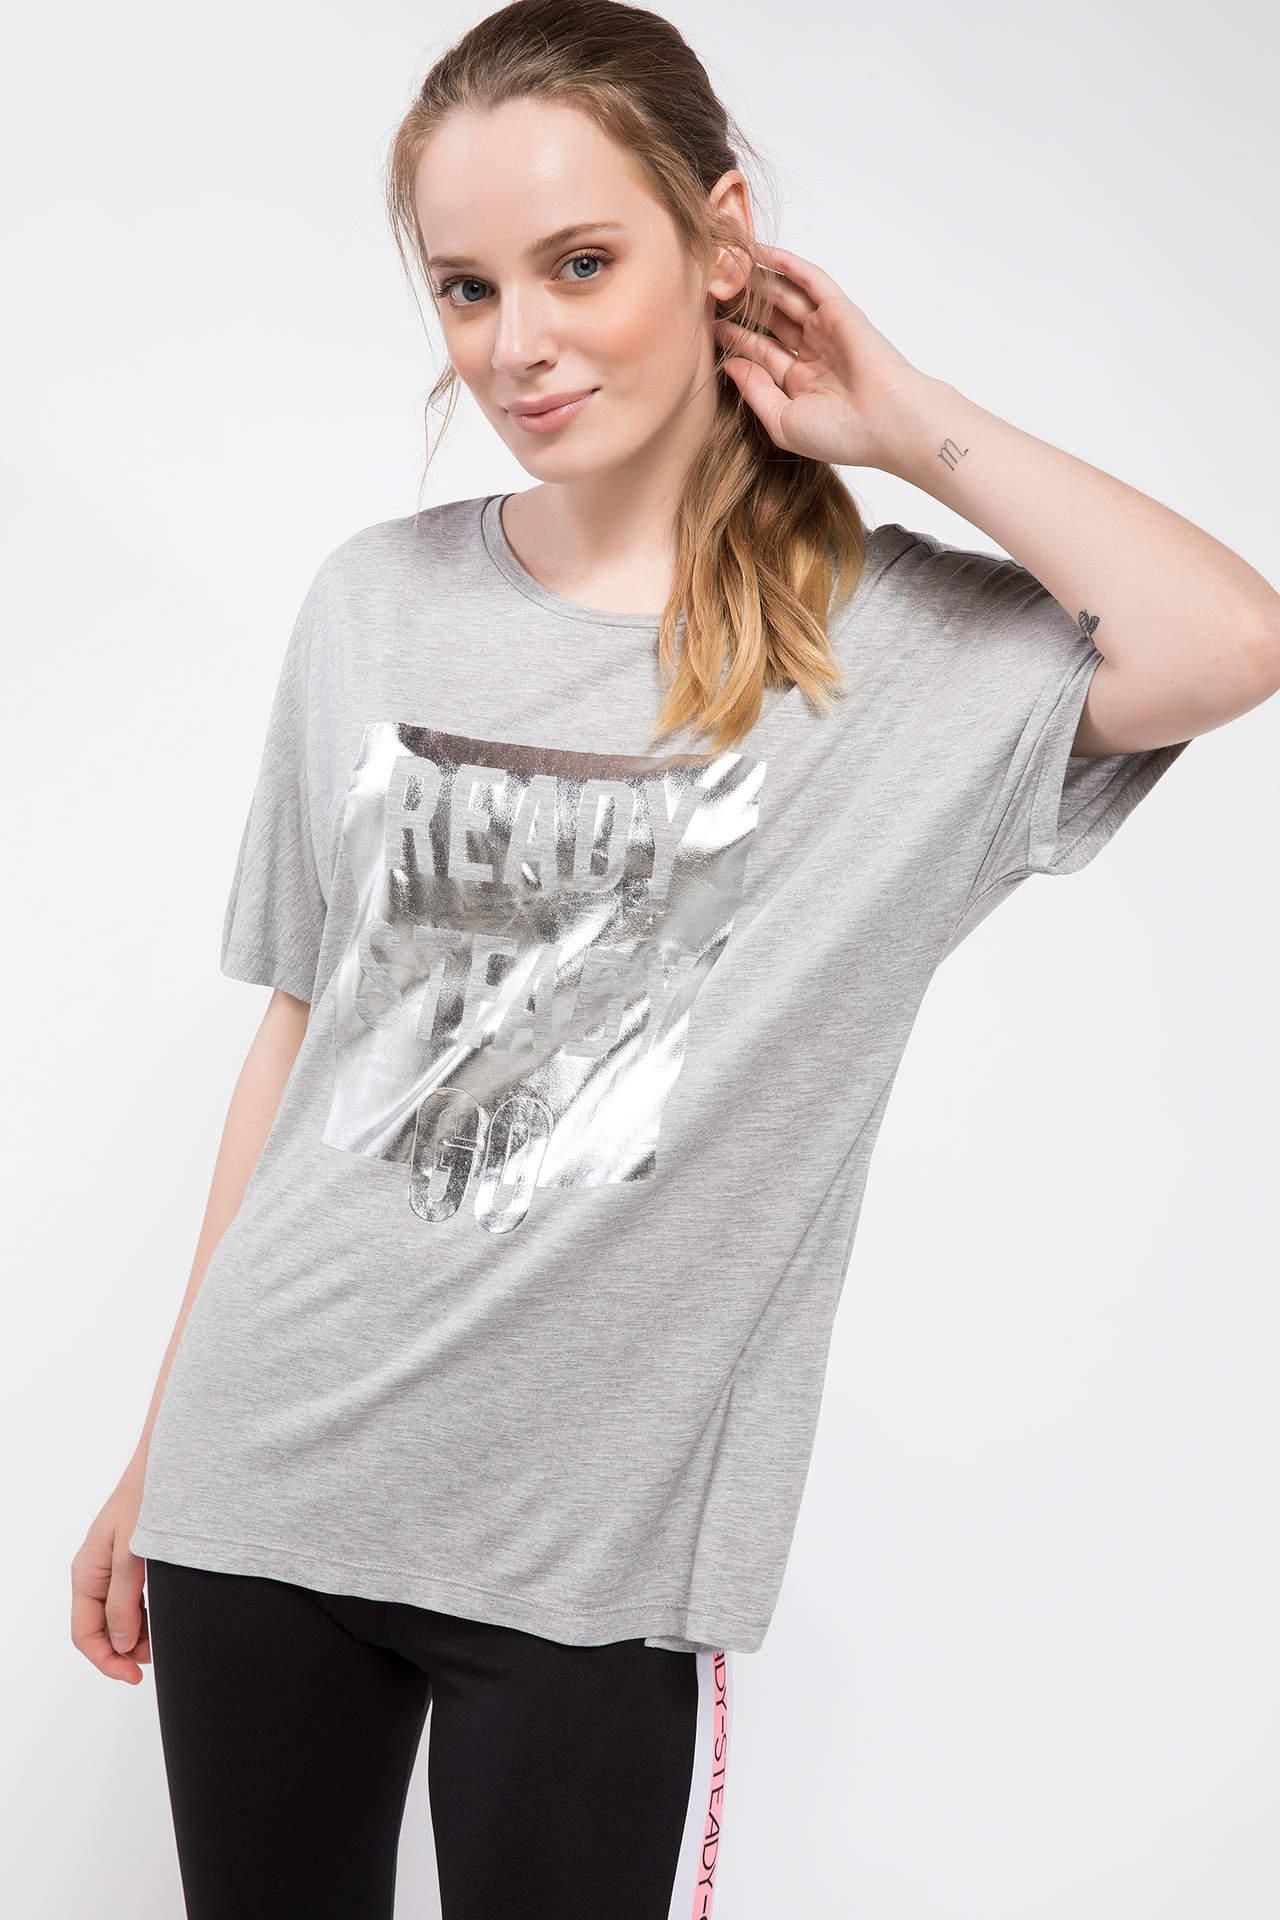 DeFacto Kadın Yazı Baskılı Sporcu T-shirt Gri female